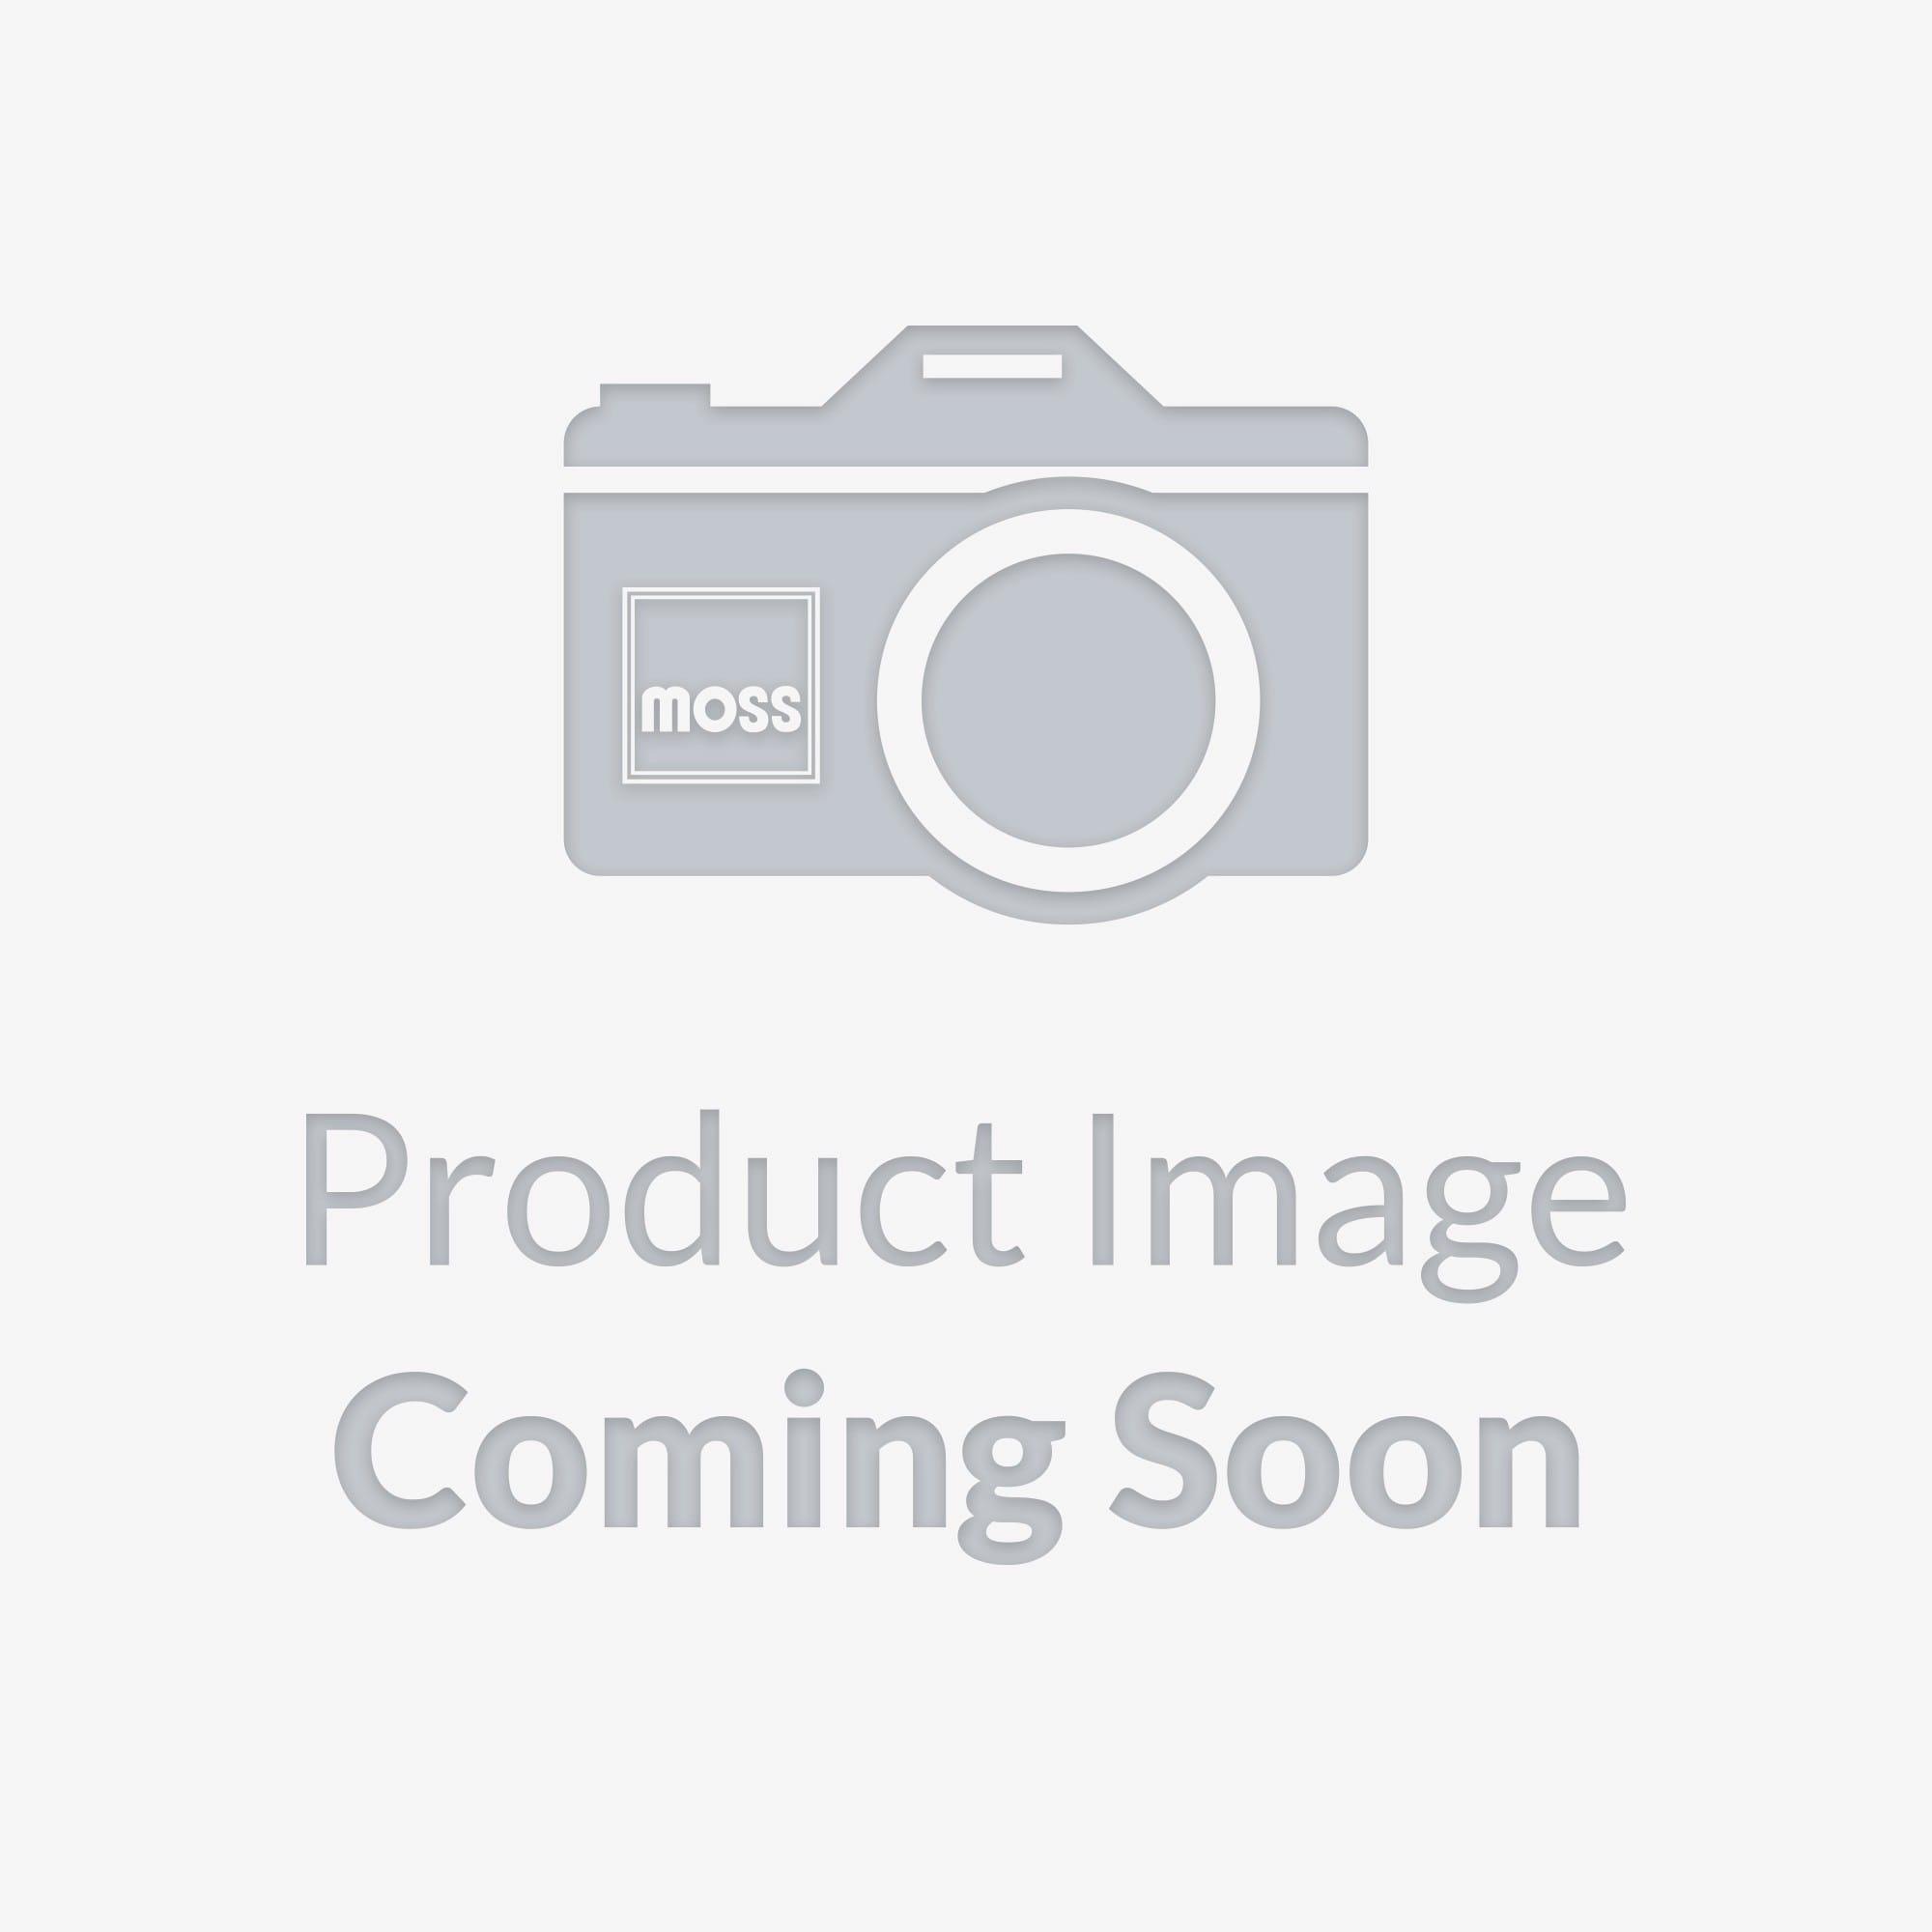 237 400 mosom plus car cover moss motors for Moss motors used cars